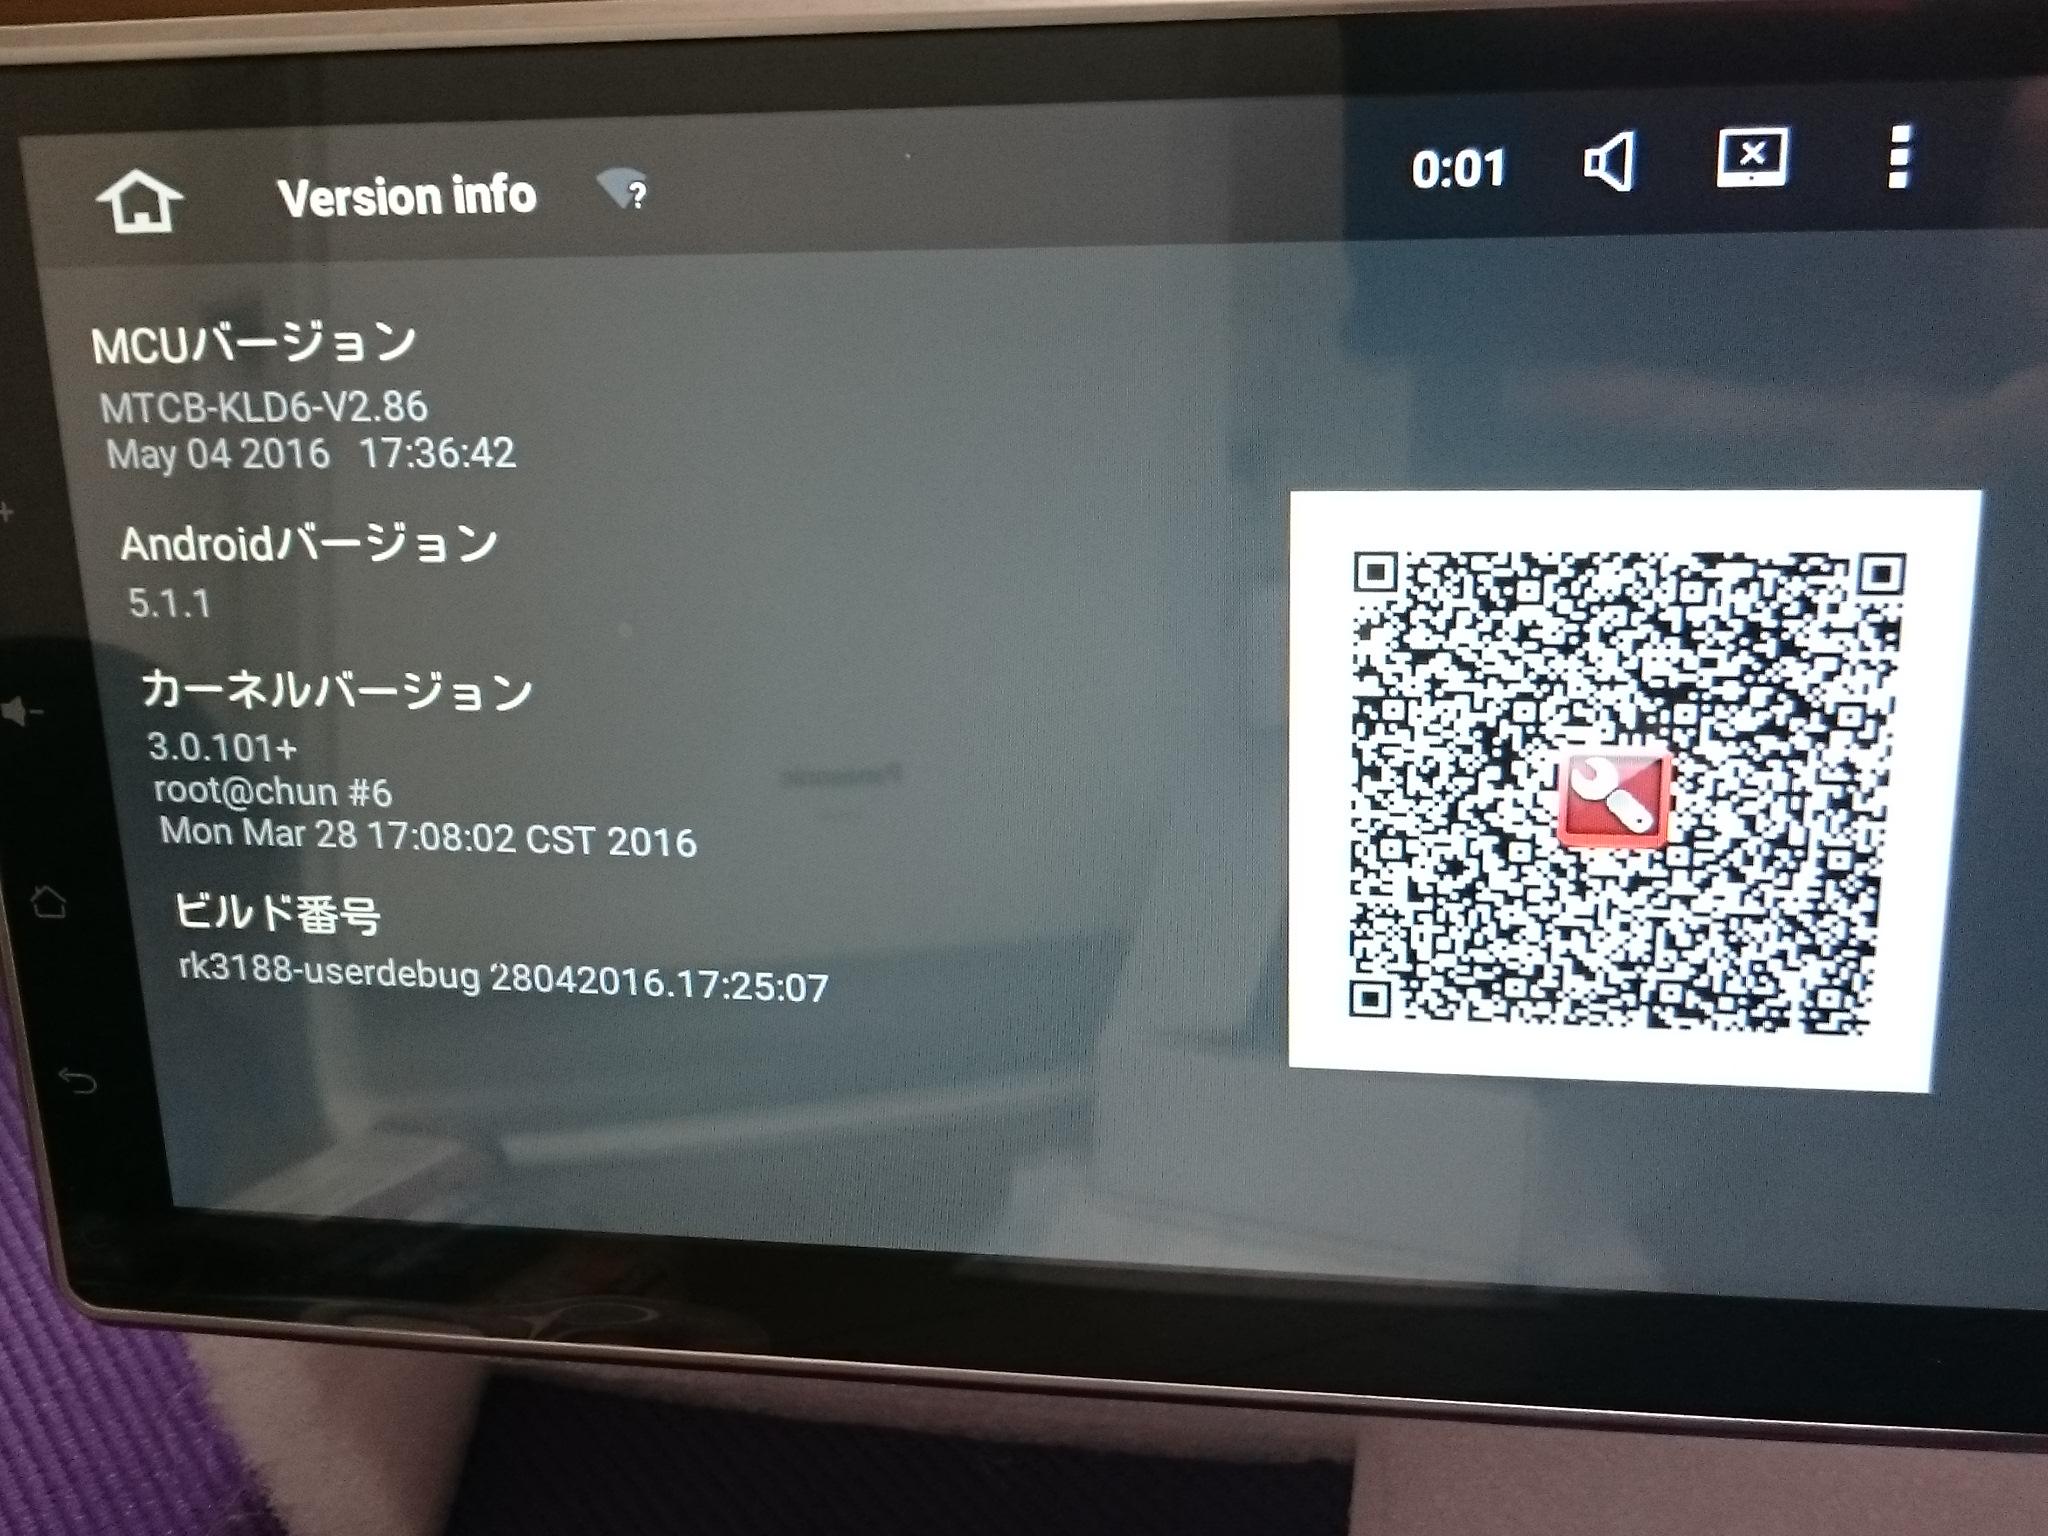 Android5.1版にカスタムROM導入編(1)… Pumpkin Android 10.1インチ DVD headunit RQ0265